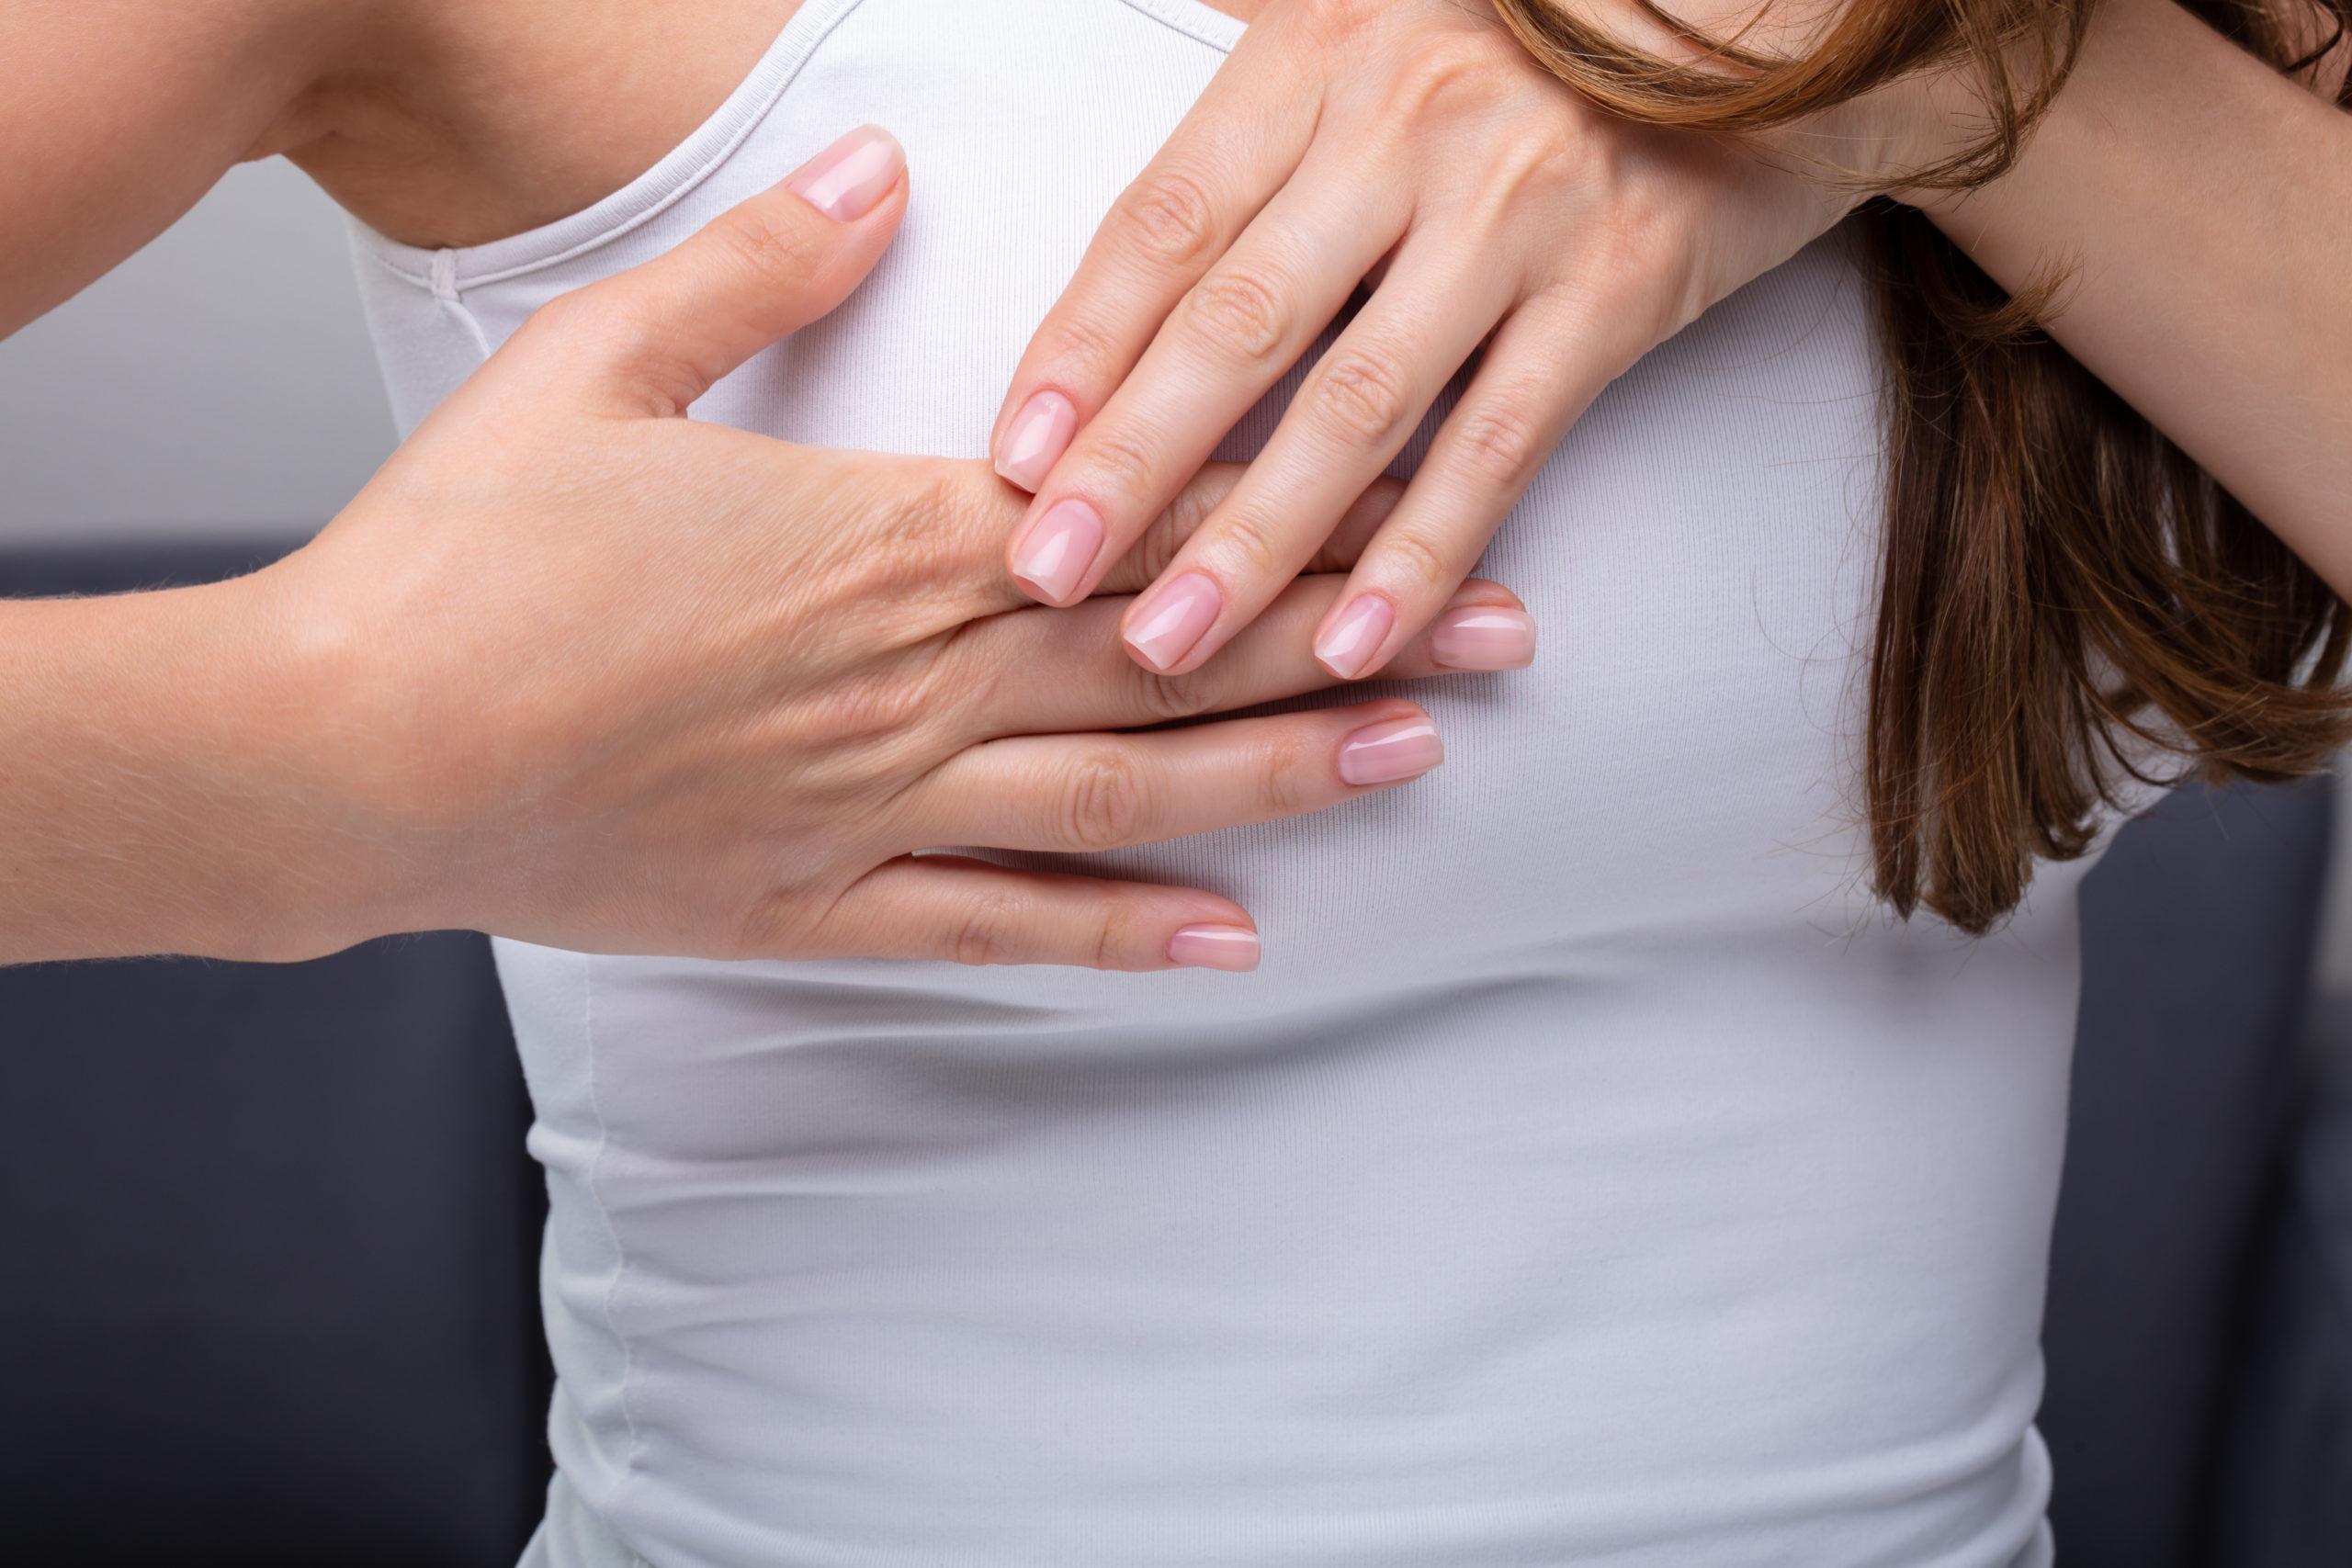 Crevasse allaitement : éviter les crevasses pendant l'allaitement Crevasse allaitement : éviter les crevasses pendant l'allaitement